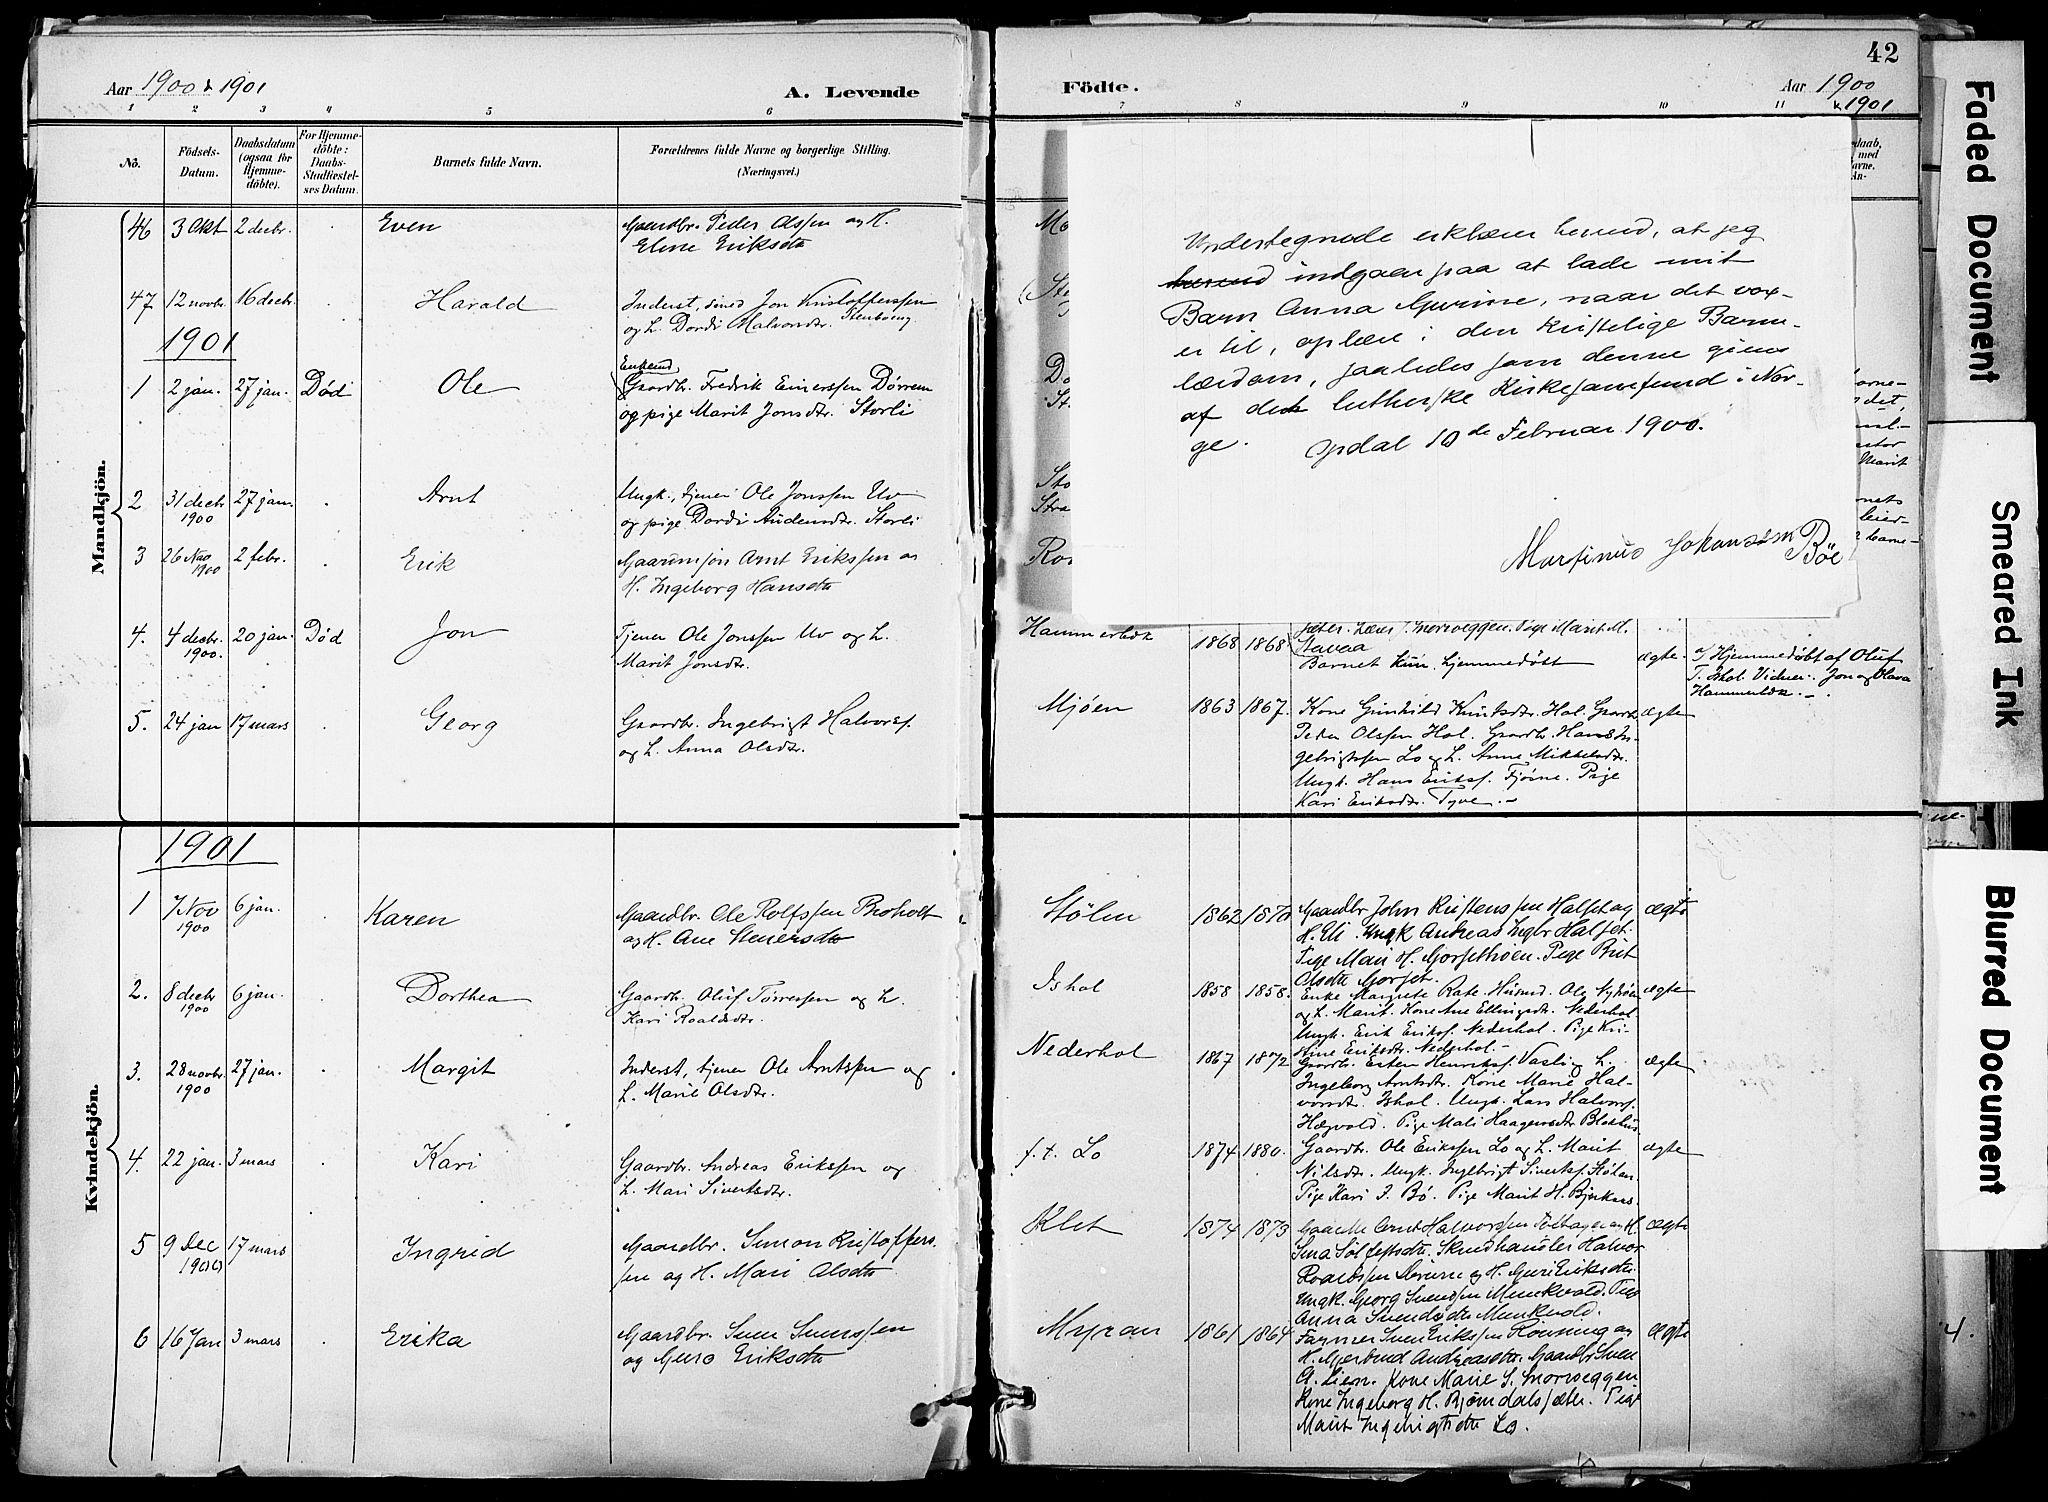 SAT, Ministerialprotokoller, klokkerbøker og fødselsregistre - Sør-Trøndelag, 678/L0902: Ministerialbok nr. 678A11, 1895-1911, s. 42